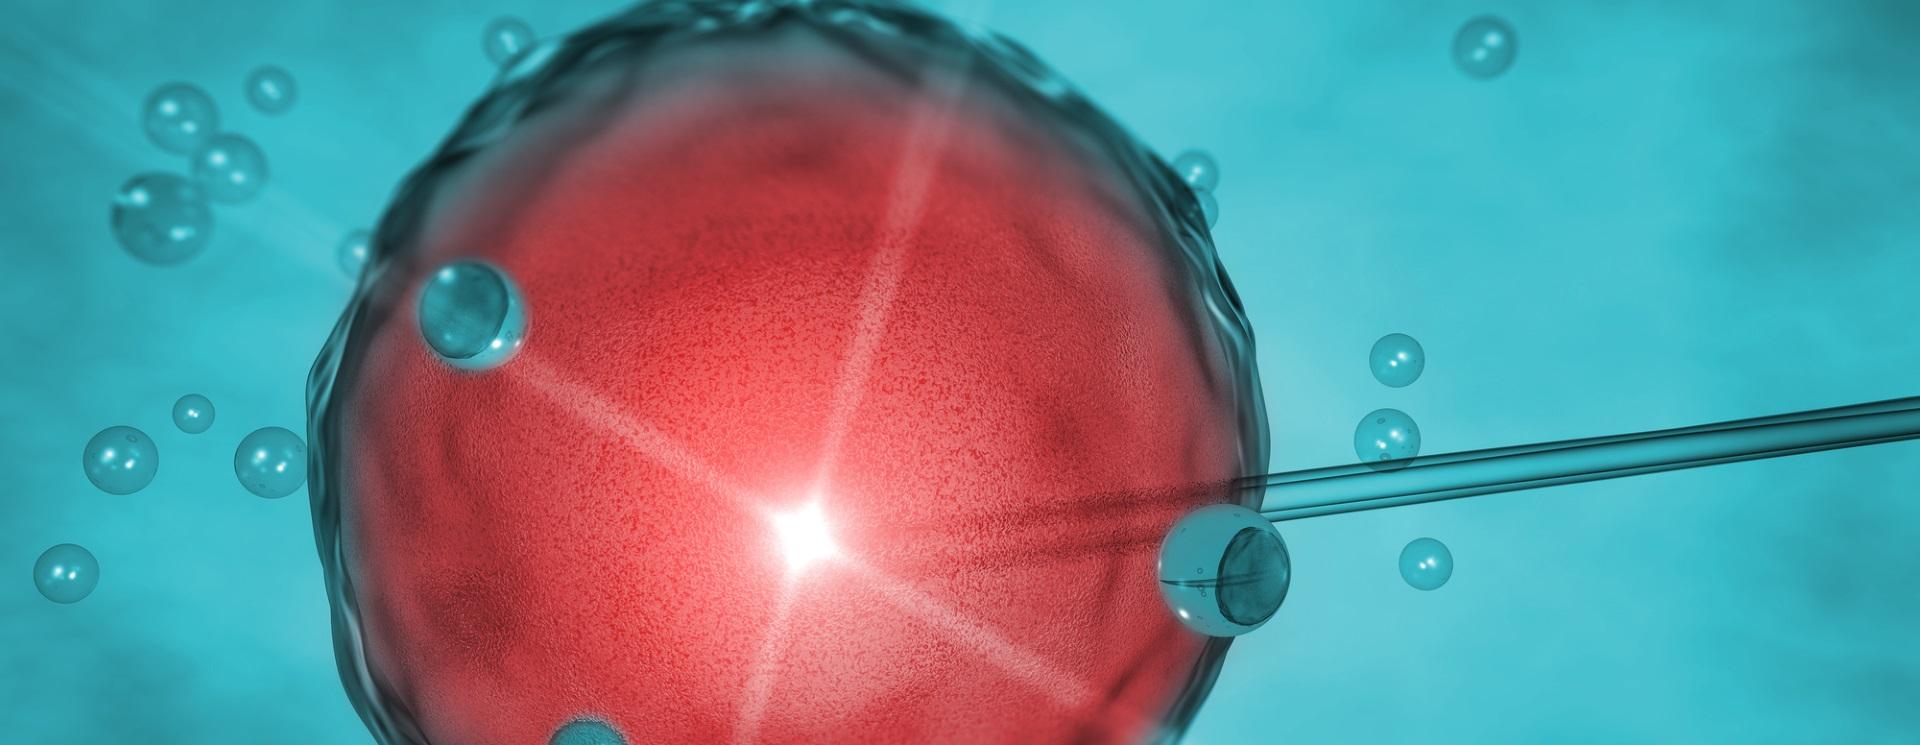 Künstliche befruchtung single dänemark kosten